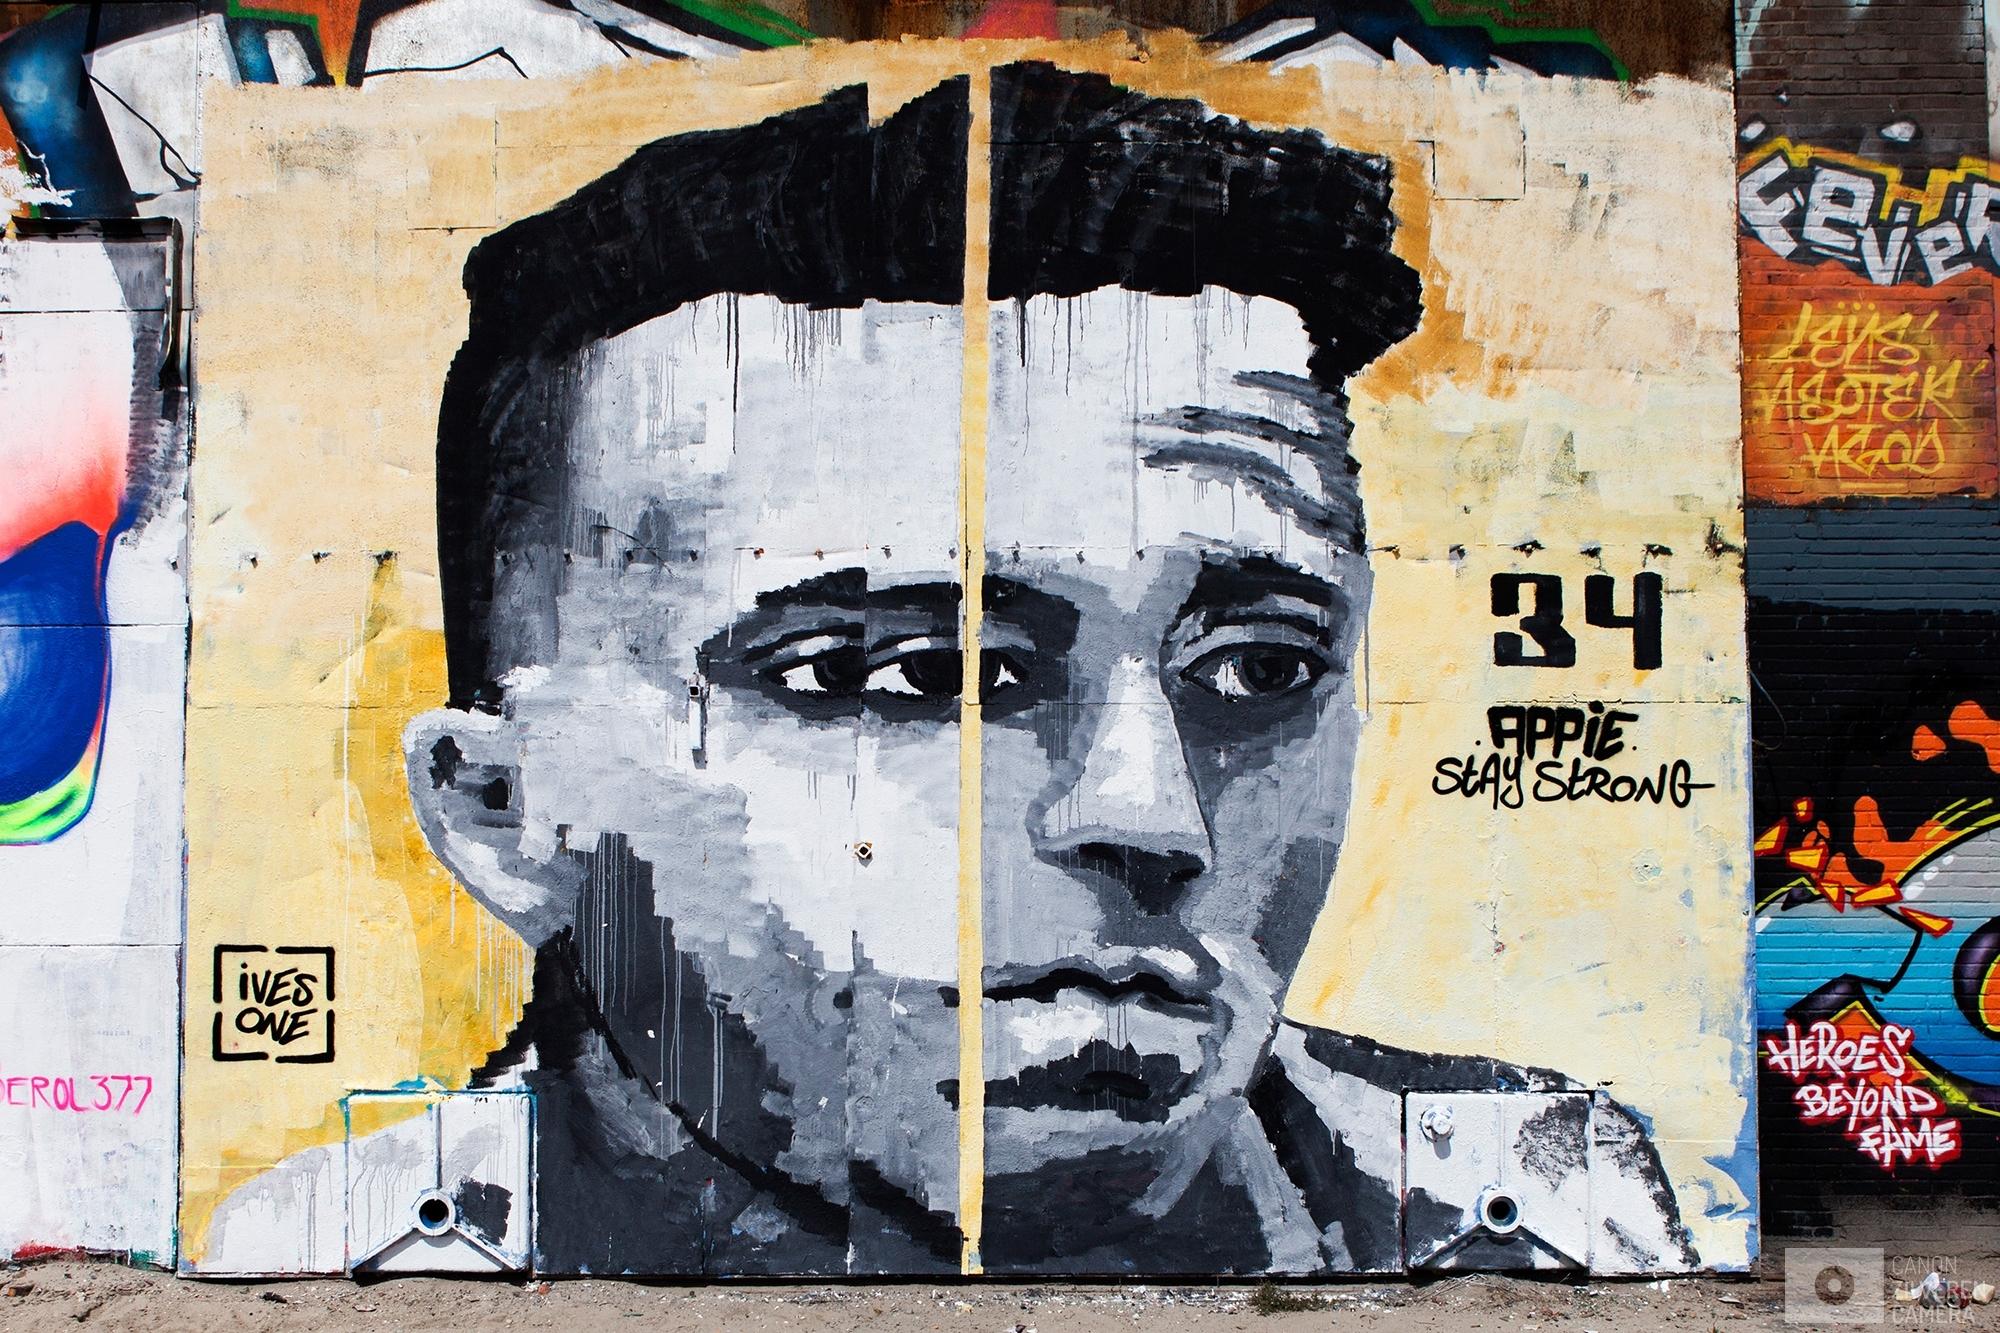 Foto 9 van 11De carrière van de talentvolle voetballer Abdelhak Nouri werd op 8 juli 2017 in de kiem gesmoord. Tijdens een oefenduel in het Oostenrijkse Zillertal werd de kleine Ajacied onwel en zakte in elkaar.Enkele dagen later werd bekend dat hij blijvende en ernstige hersenschade had opgelopen.De golf van collectief verdriet die toen door (voetballend) Nederland trok liet geen ruimte voor rivaliteit maar zorgde voor verbroedering om te bidden voor een zo'n positief mogelijke afloop voor Abdelhak.